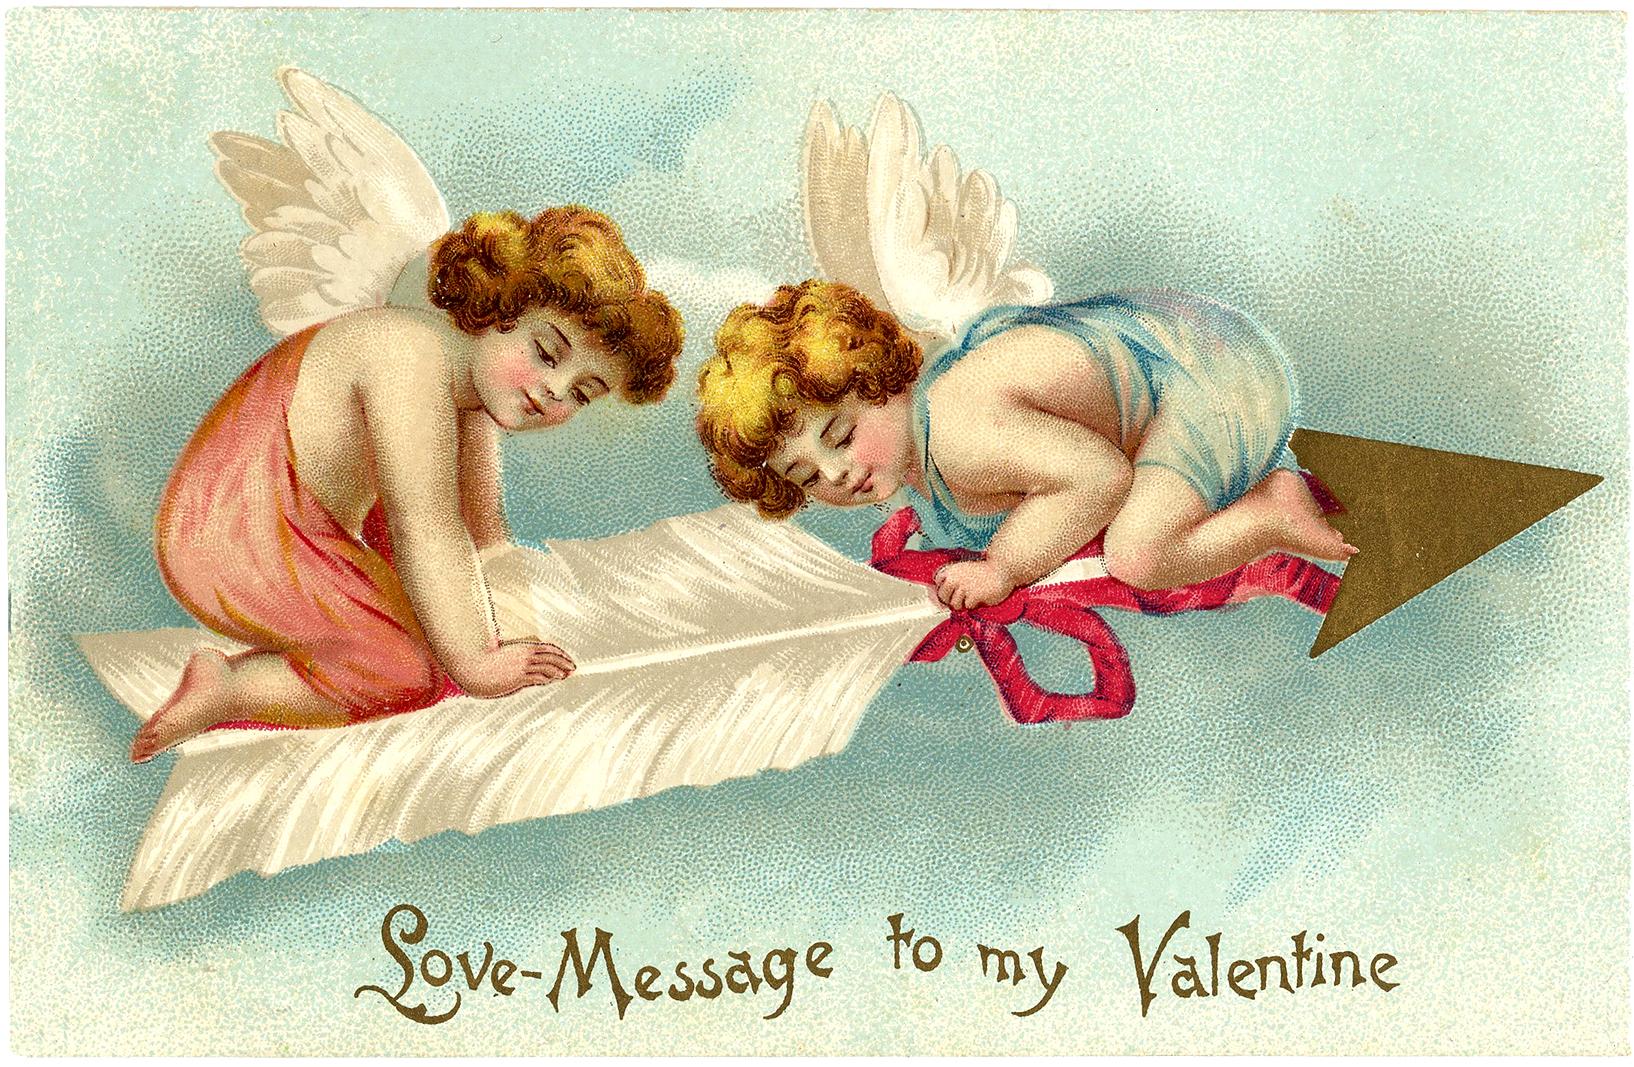 картинки ангелов ко дню святого валентина важно, что